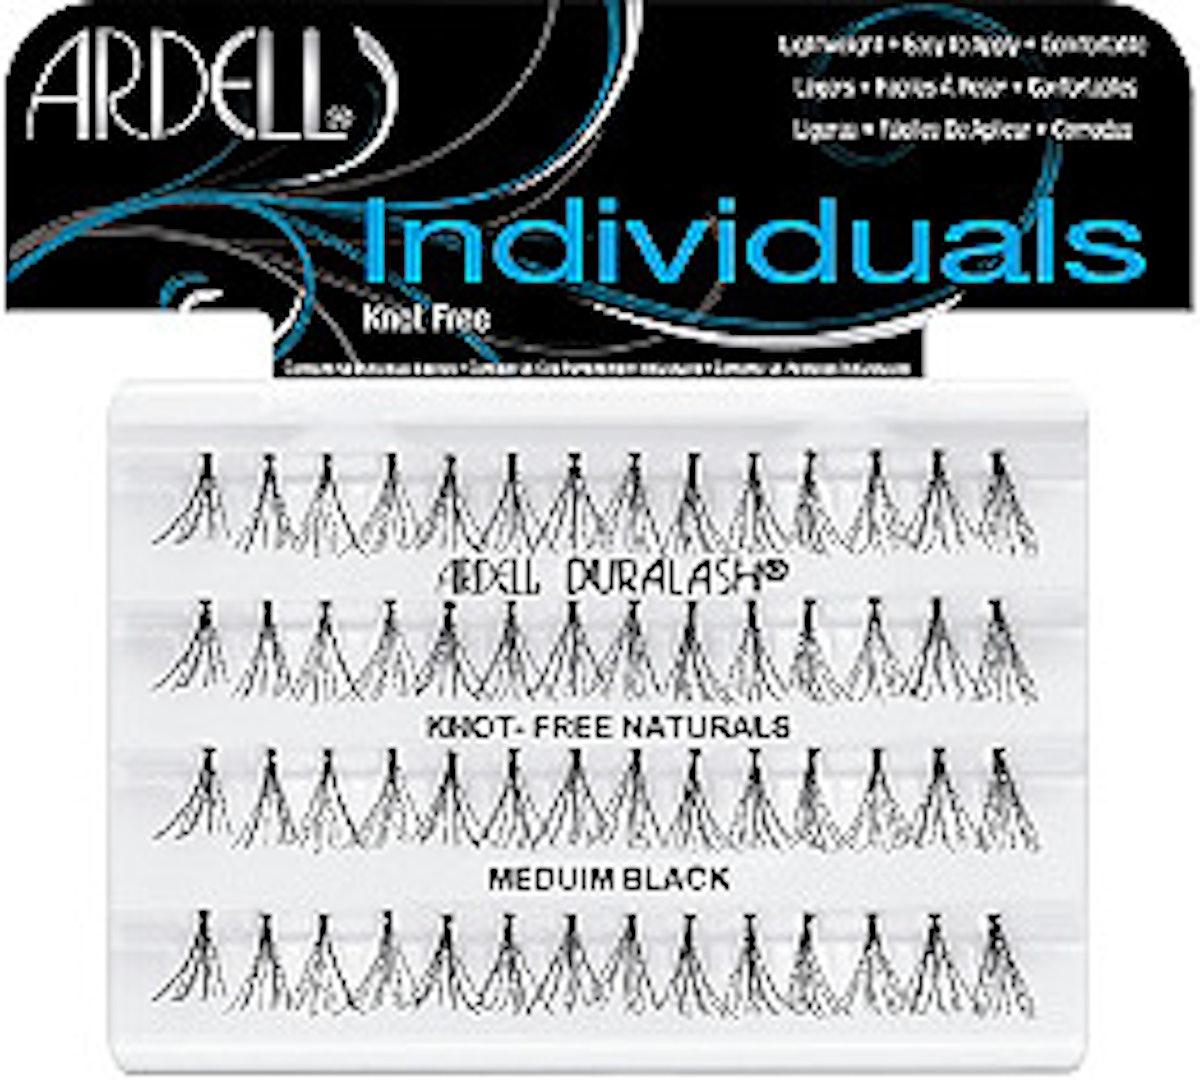 Individuals Medium Black Lashes